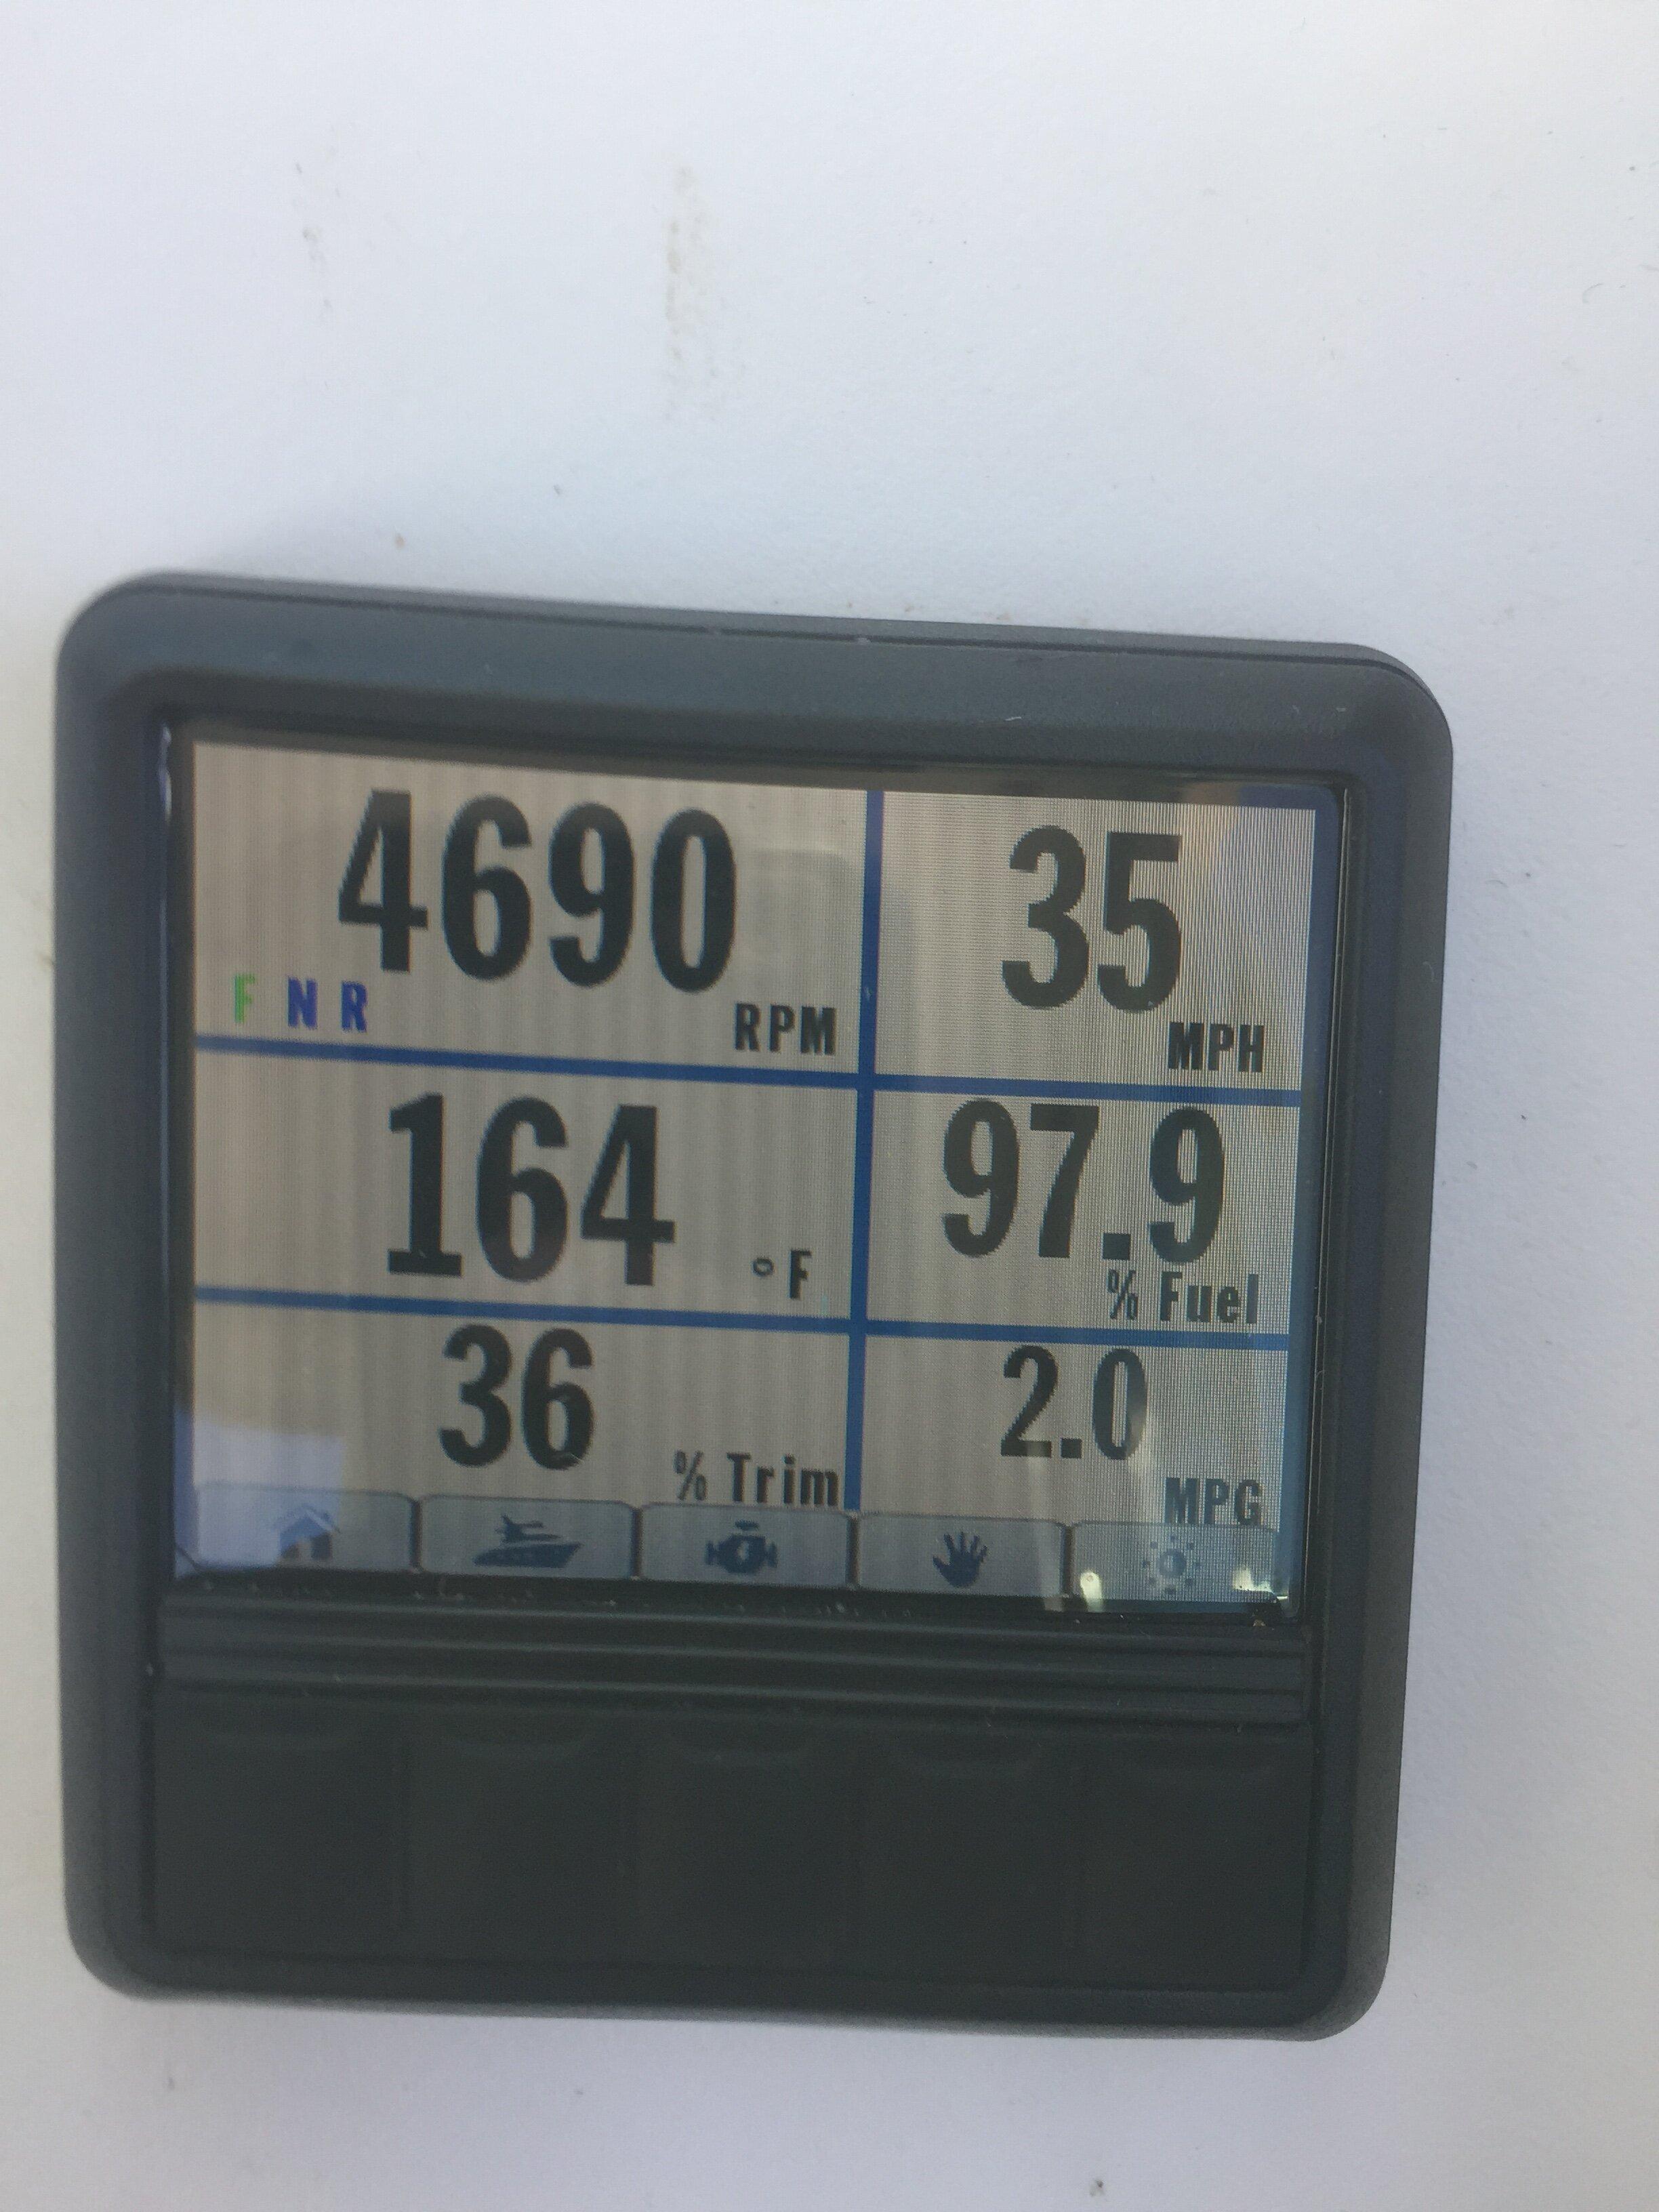 C52054BE-33E0-4CBF-A57D-AAA1956F37C0.jpeg